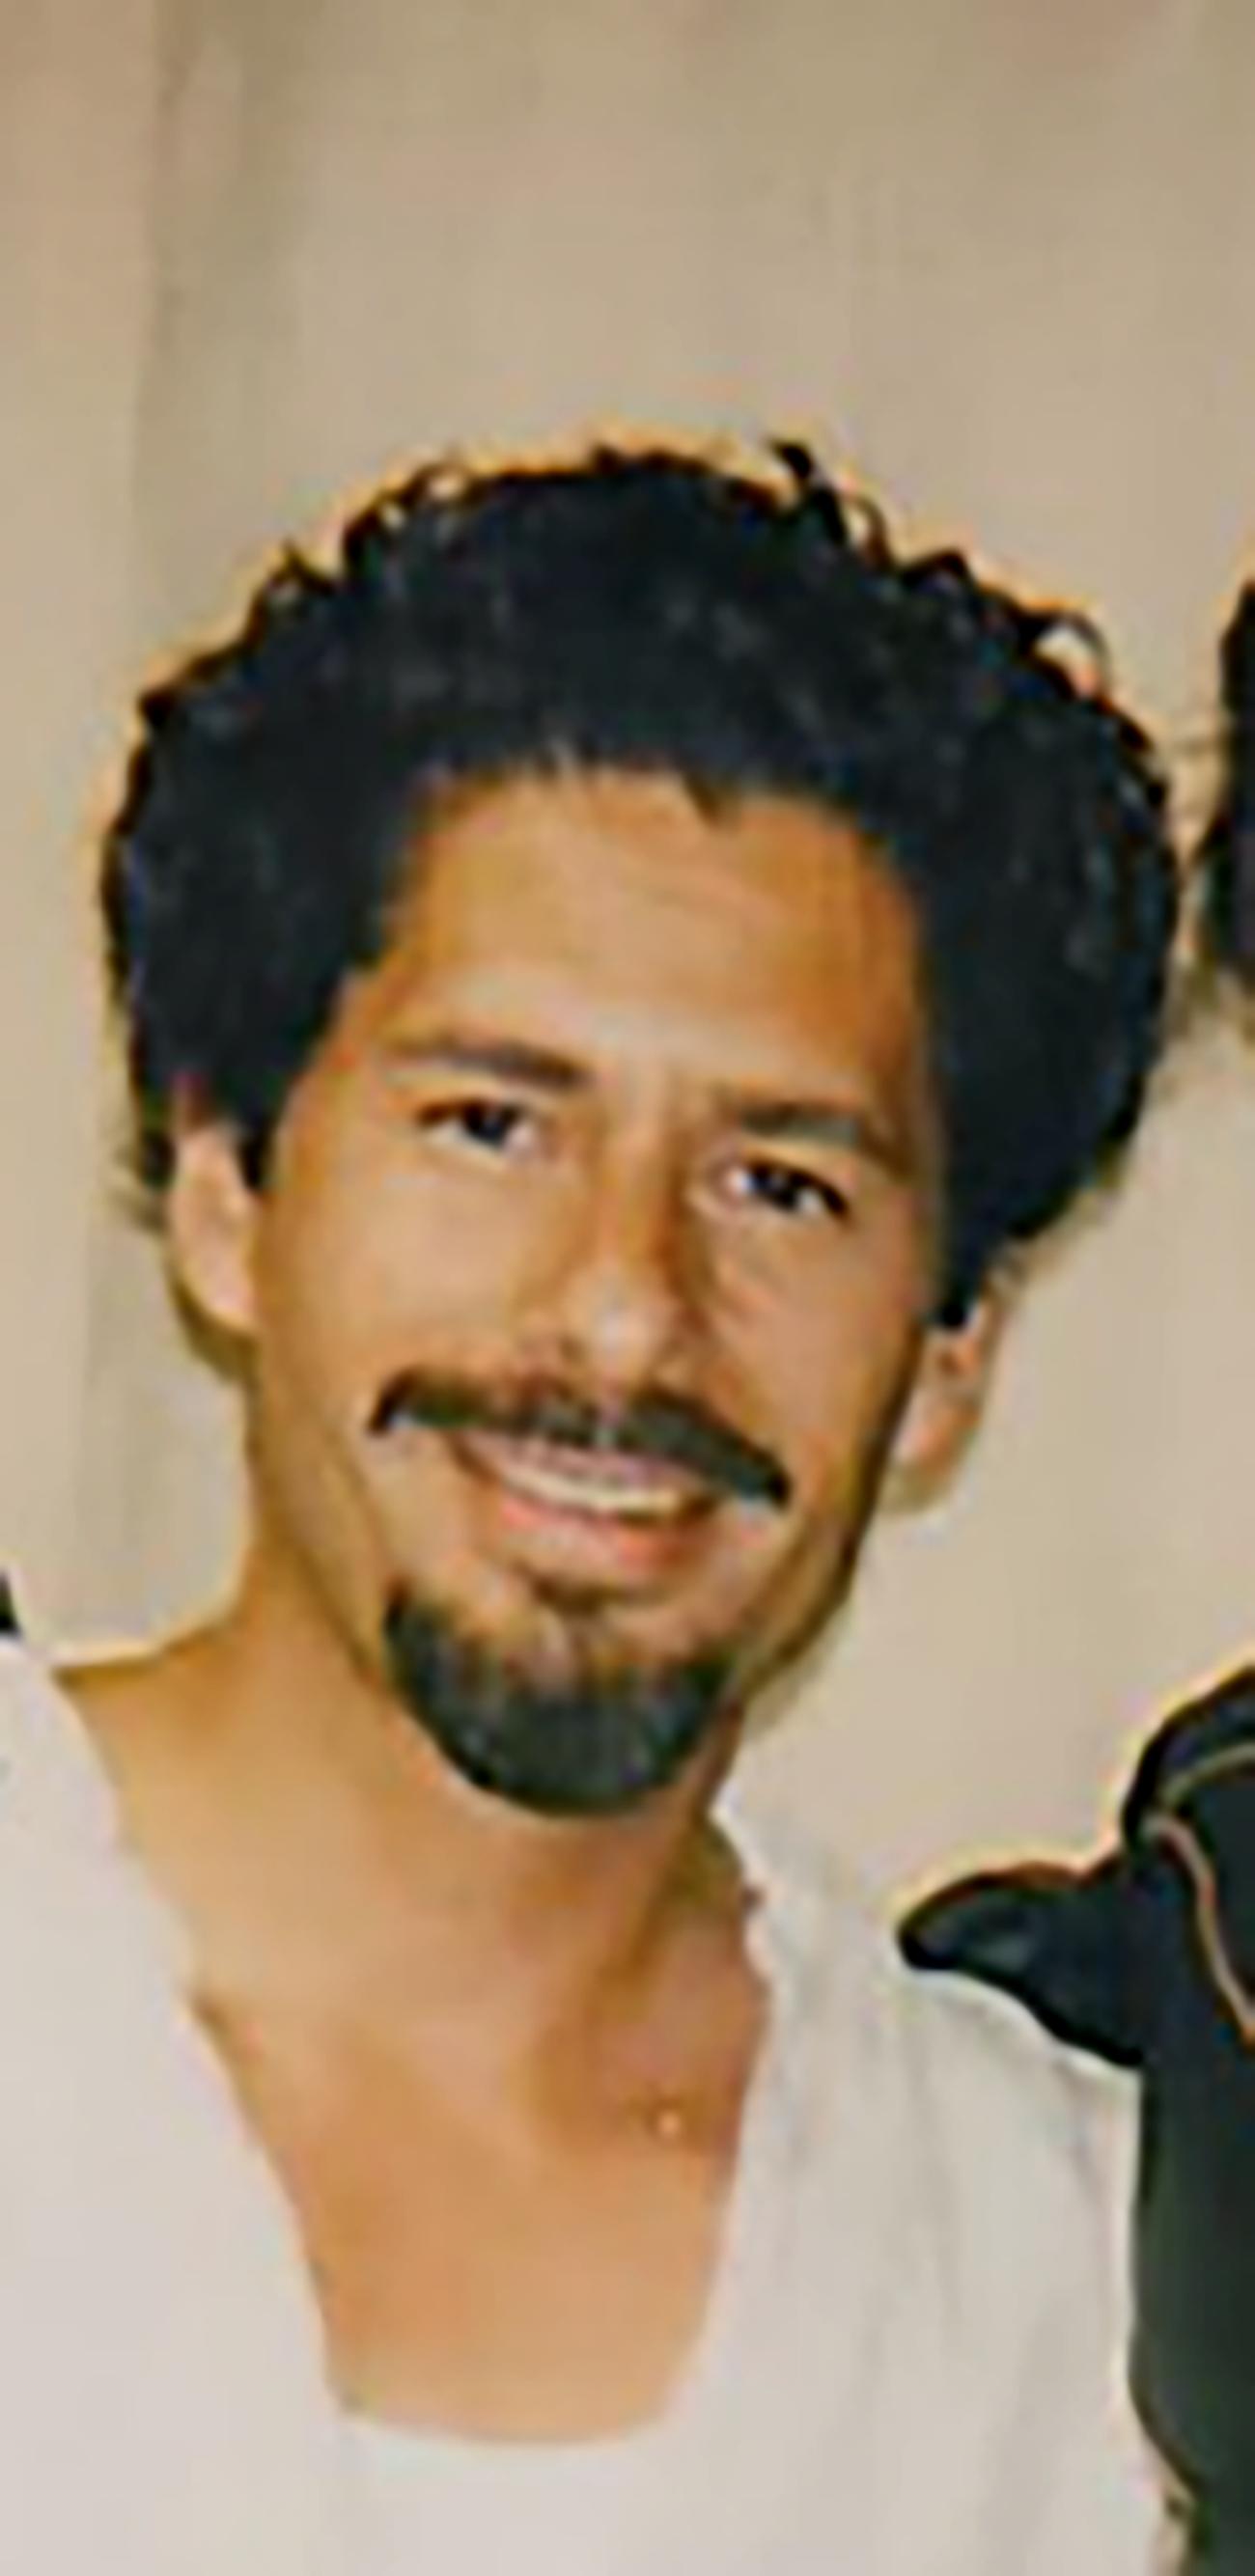 Influyentes - Jose Fernandez